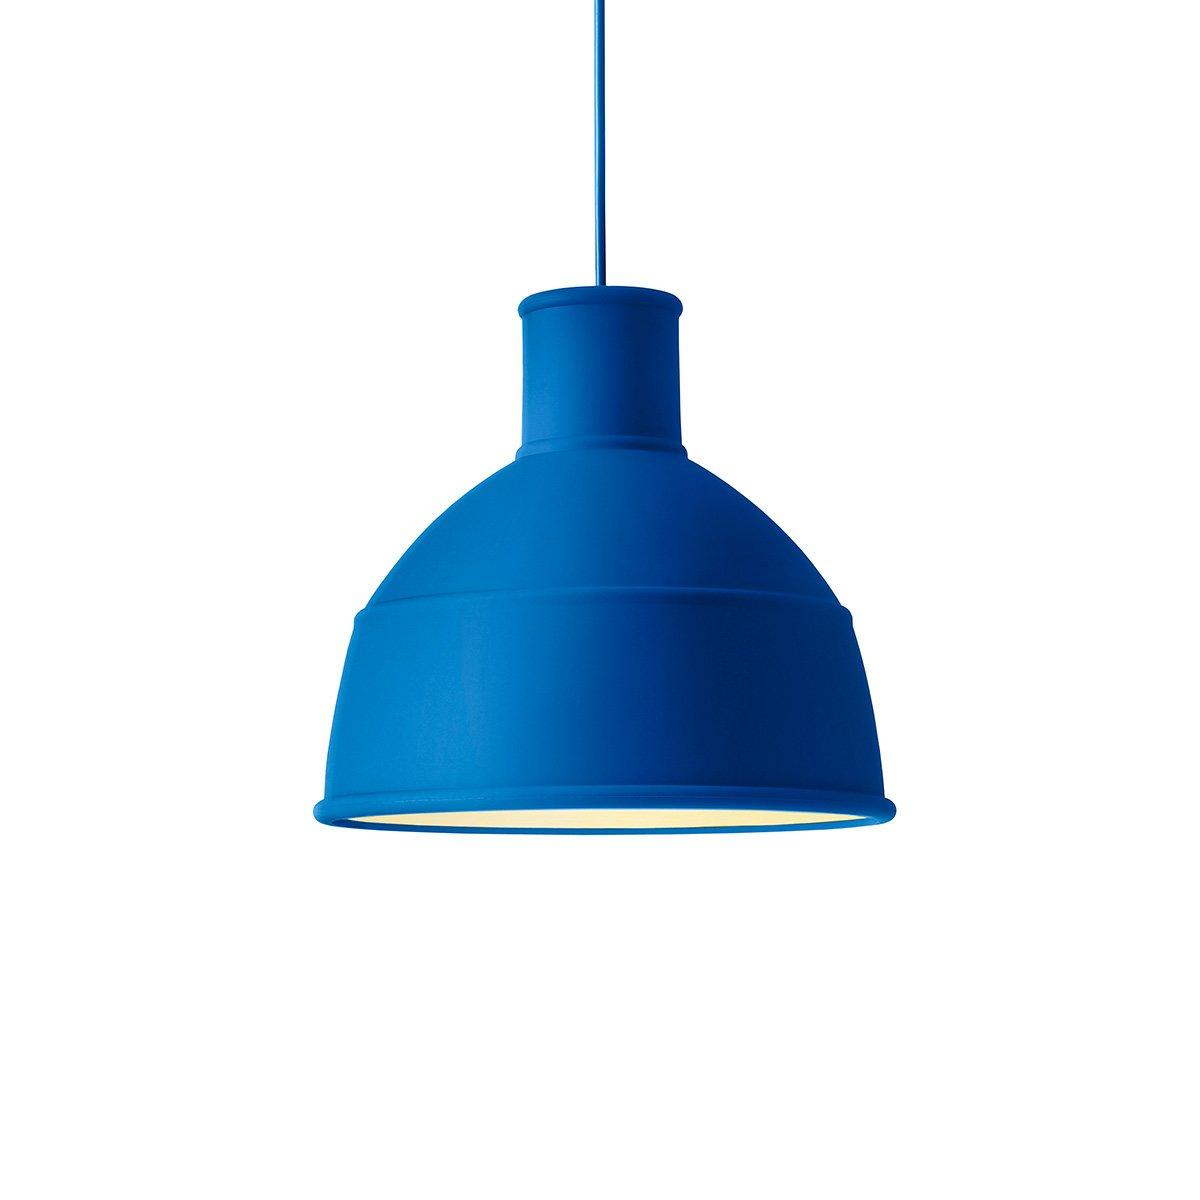 Muuto Unfold - Blue: Amazon.de: Küche & Haushalt